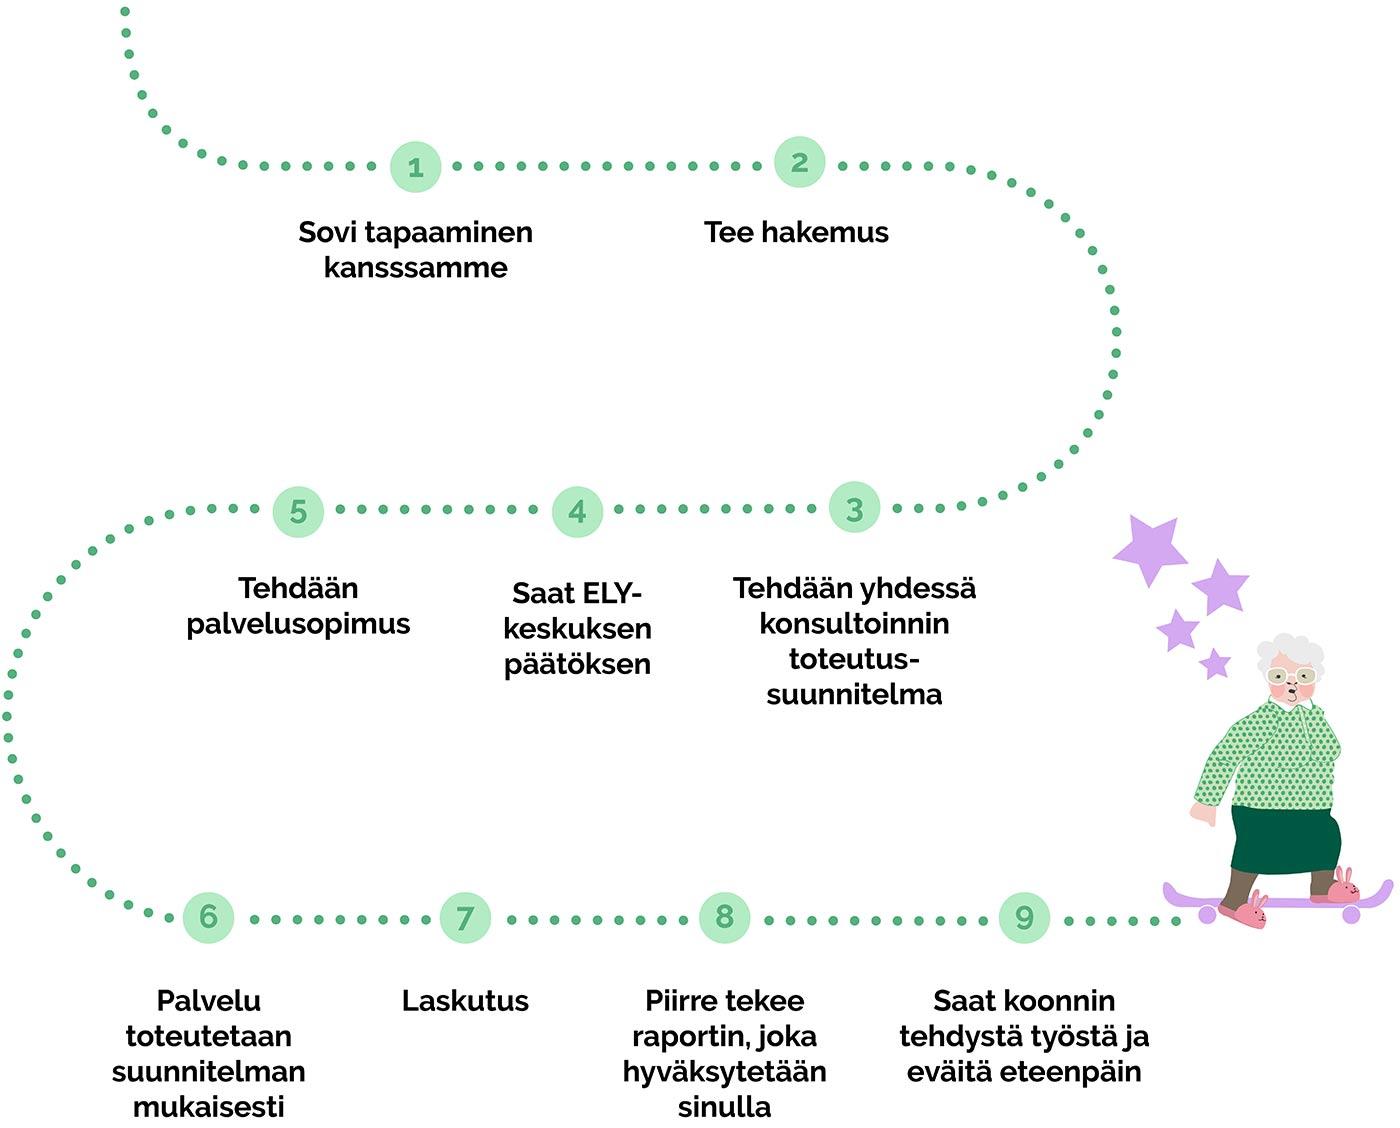 Yritysten kehittämispalvelu, kuinka homma rullaa: 1. Sovi tapaaminen, 2. Tee hakemus, 3. Konsultointisuunnitelma, 4. ELY tekee päätöksen, 5. Sopimus, 6. Palvelun toteutus, 7. Laskutus, 8. Raportointi, 9. Jatkotoimenpiteet